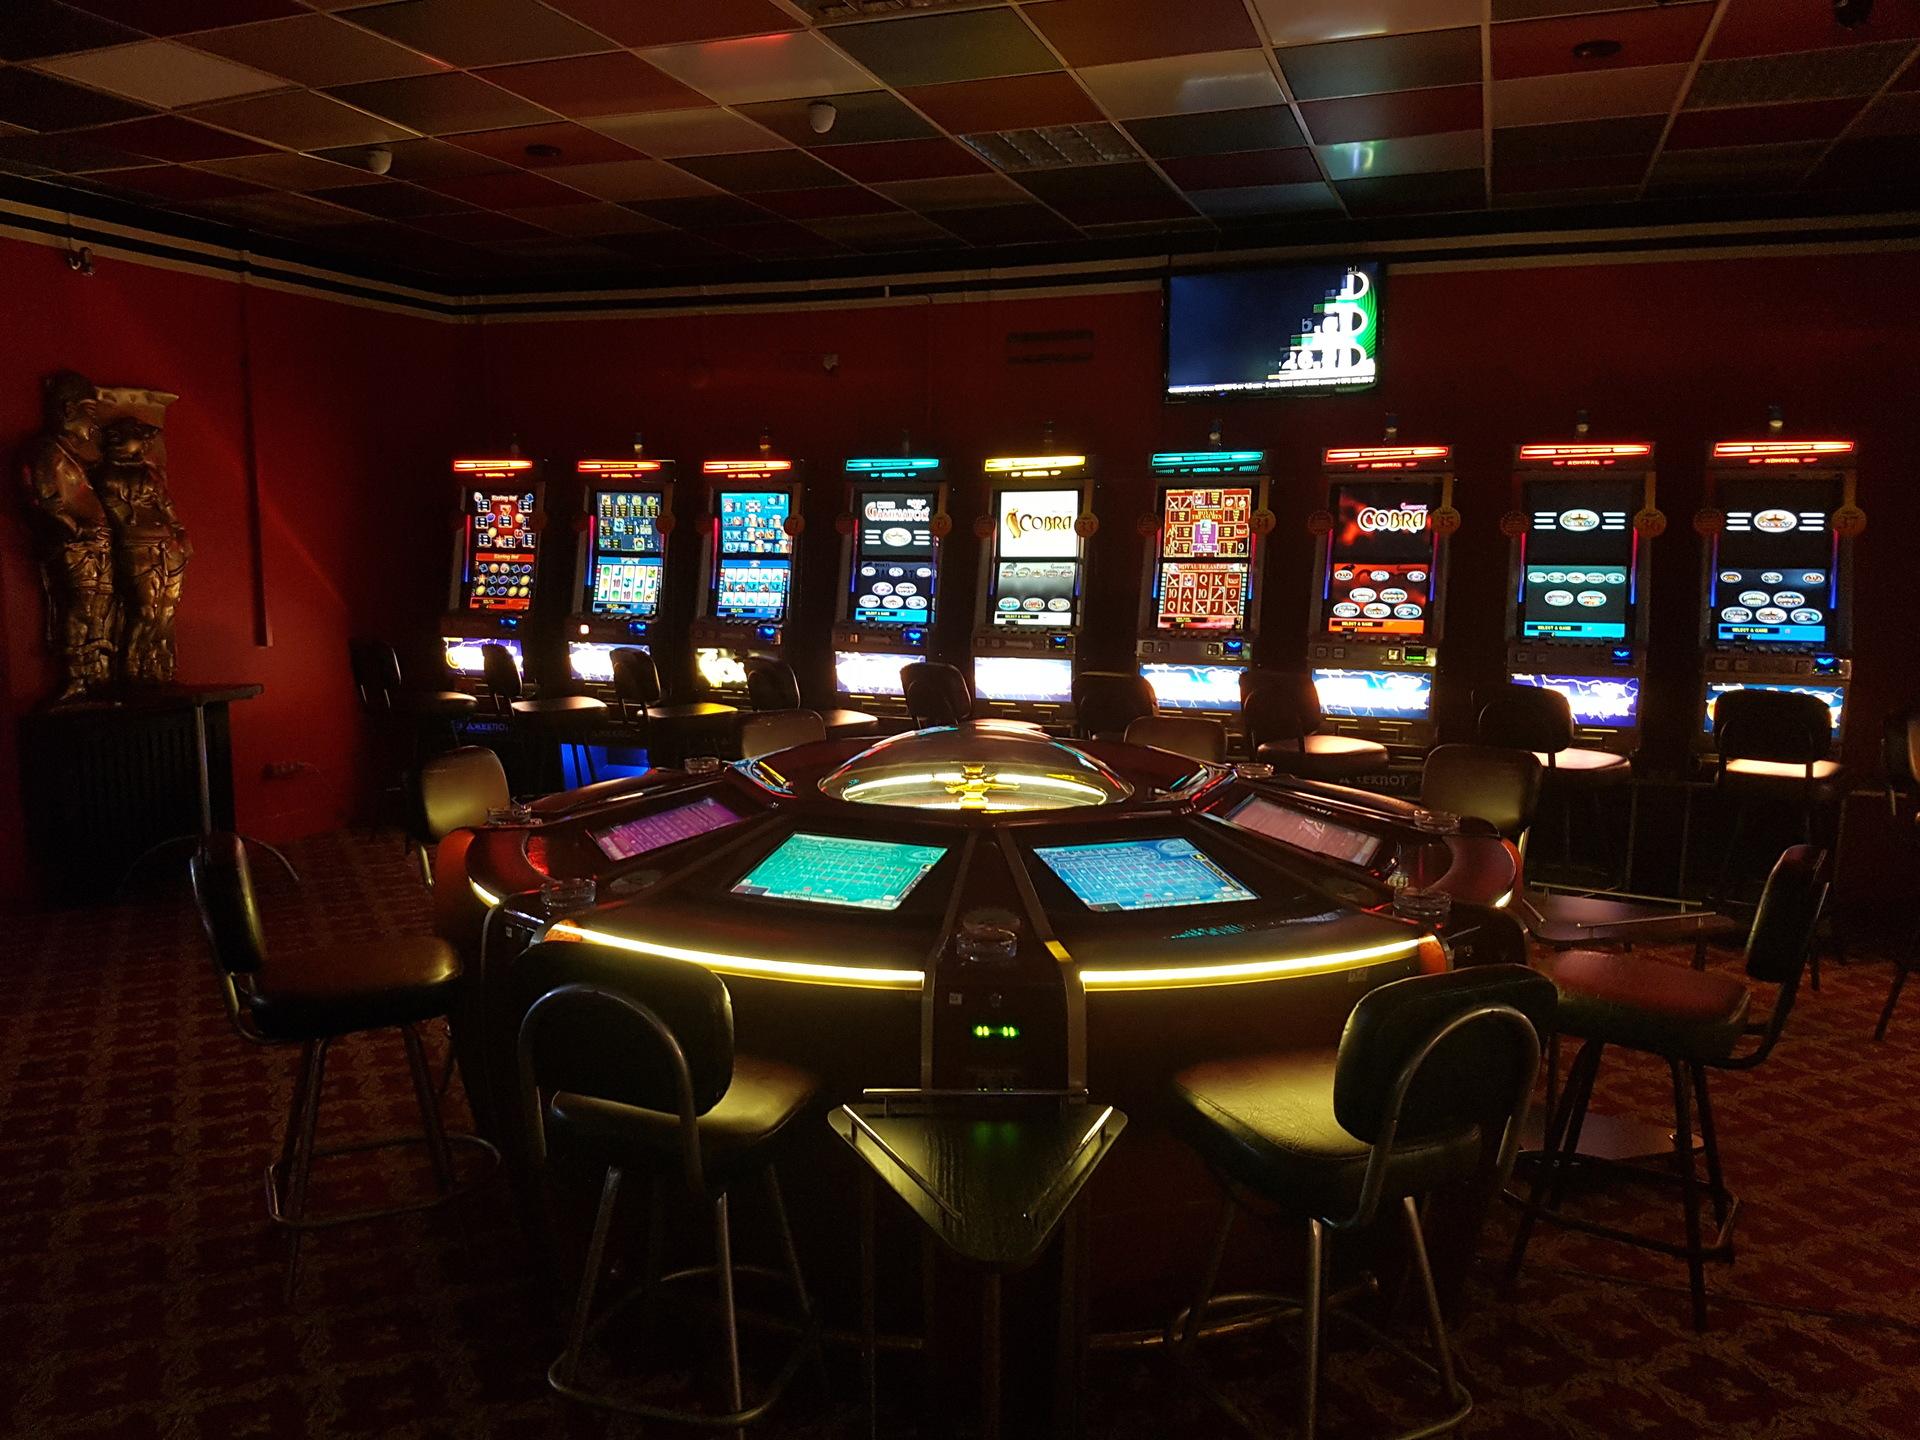 Работа игровые автоматы витебск играть в игровые автоматы бесплатно и без регистрации онлайн шары